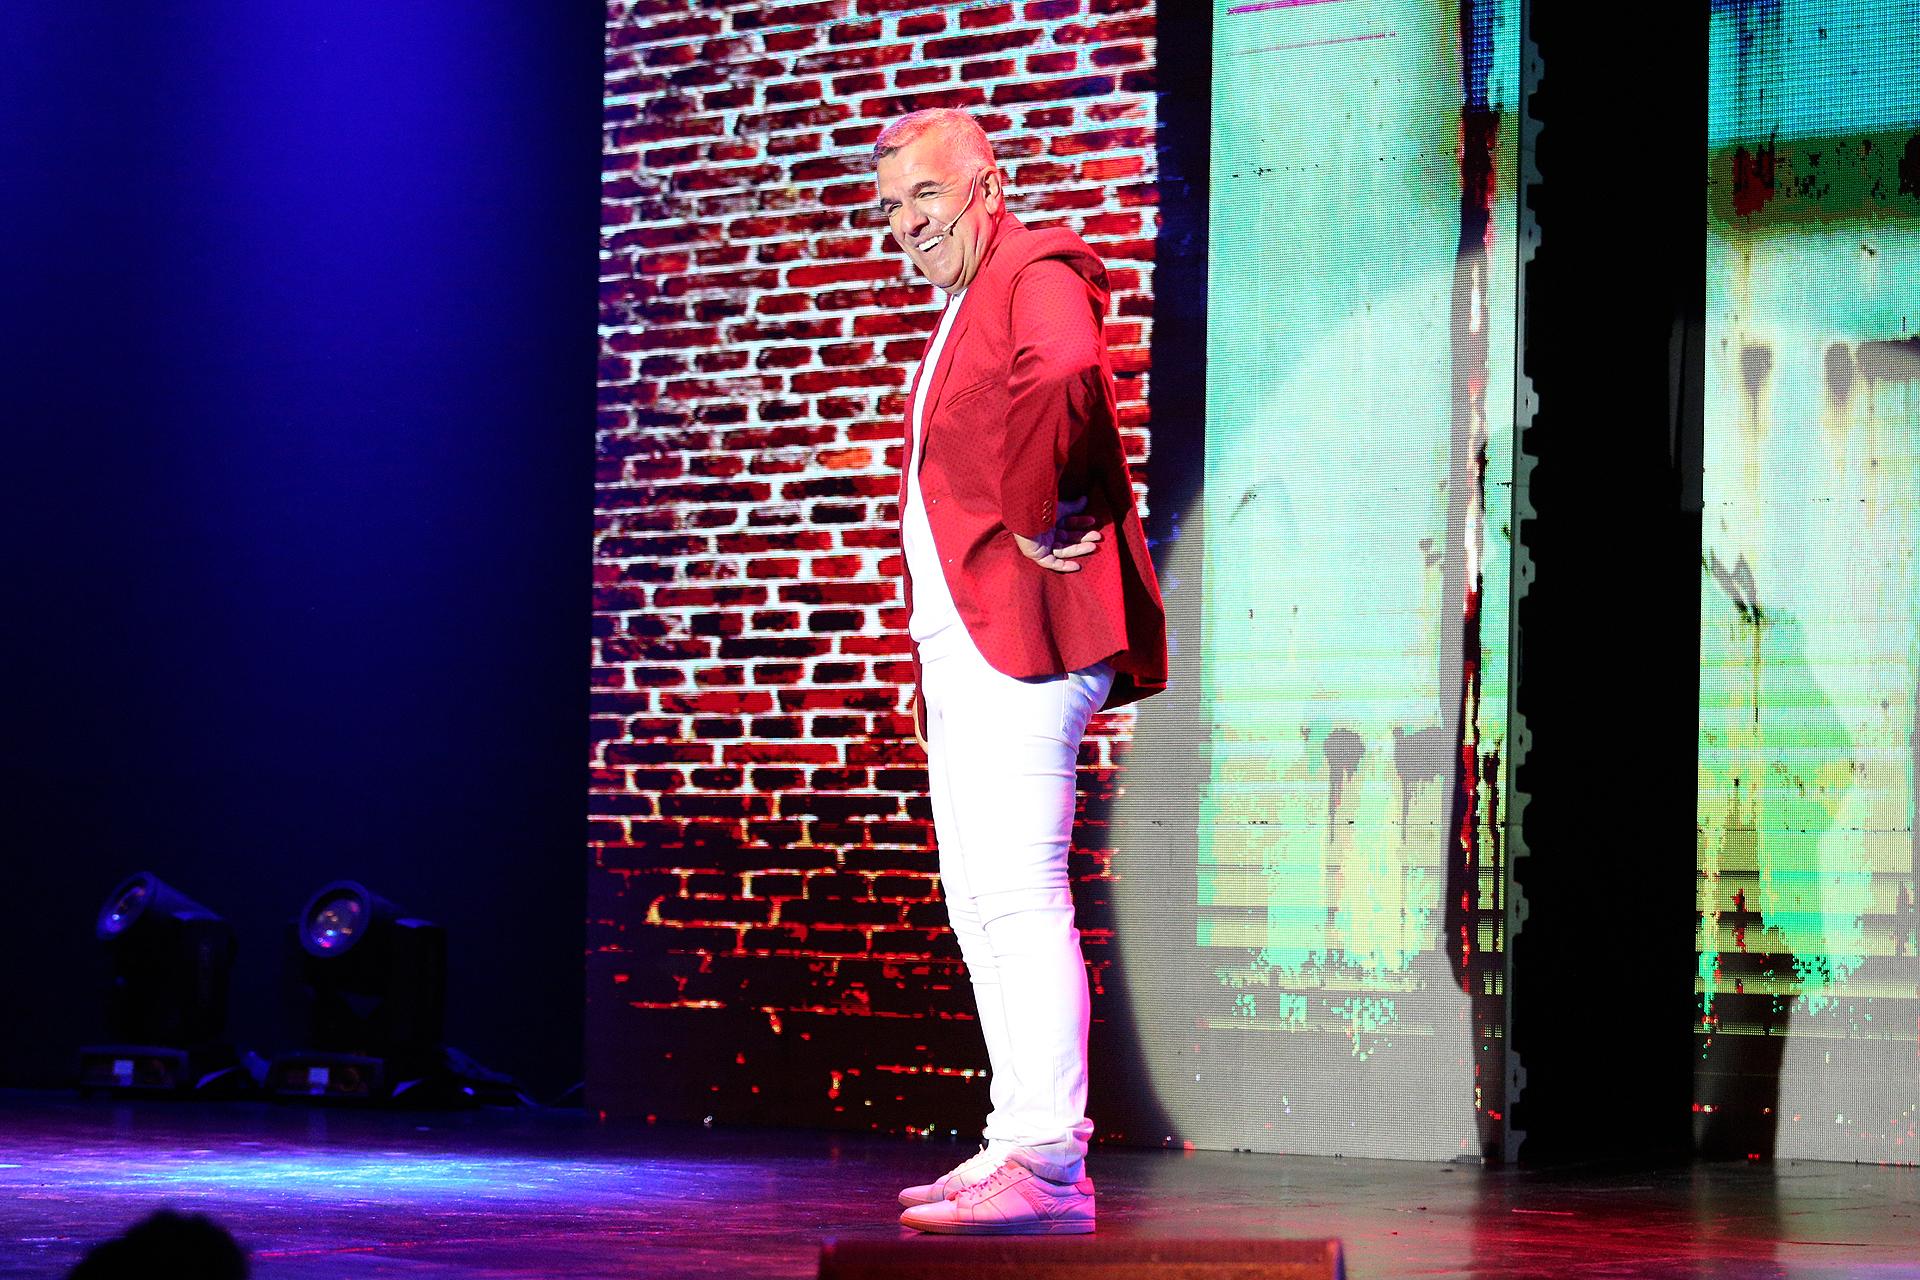 Midachi se presenta en el teatro Holiday de la ciudad cordobesa